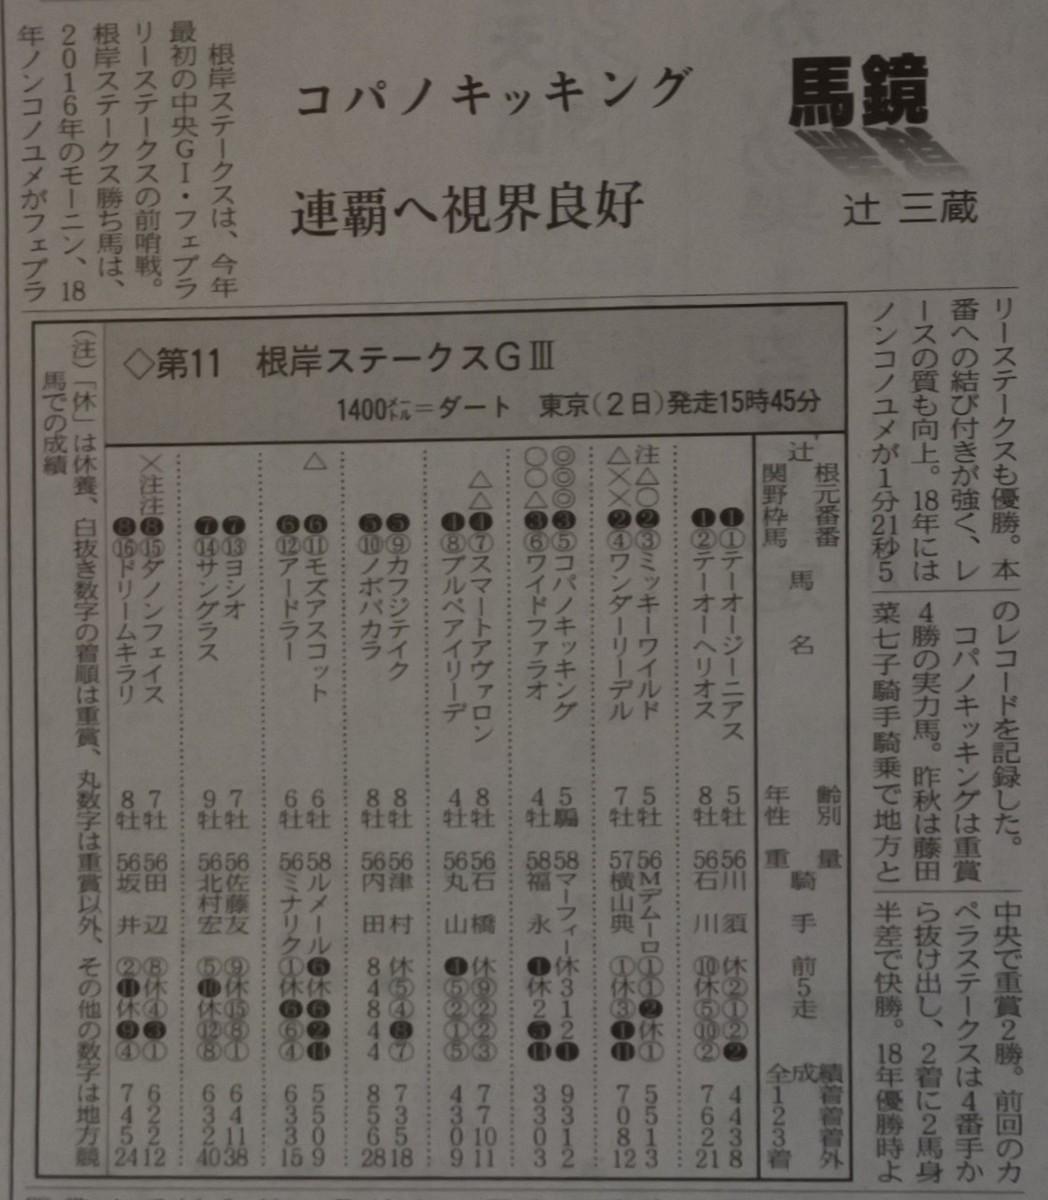 f:id:sanzo2004321:20200210192009j:plain